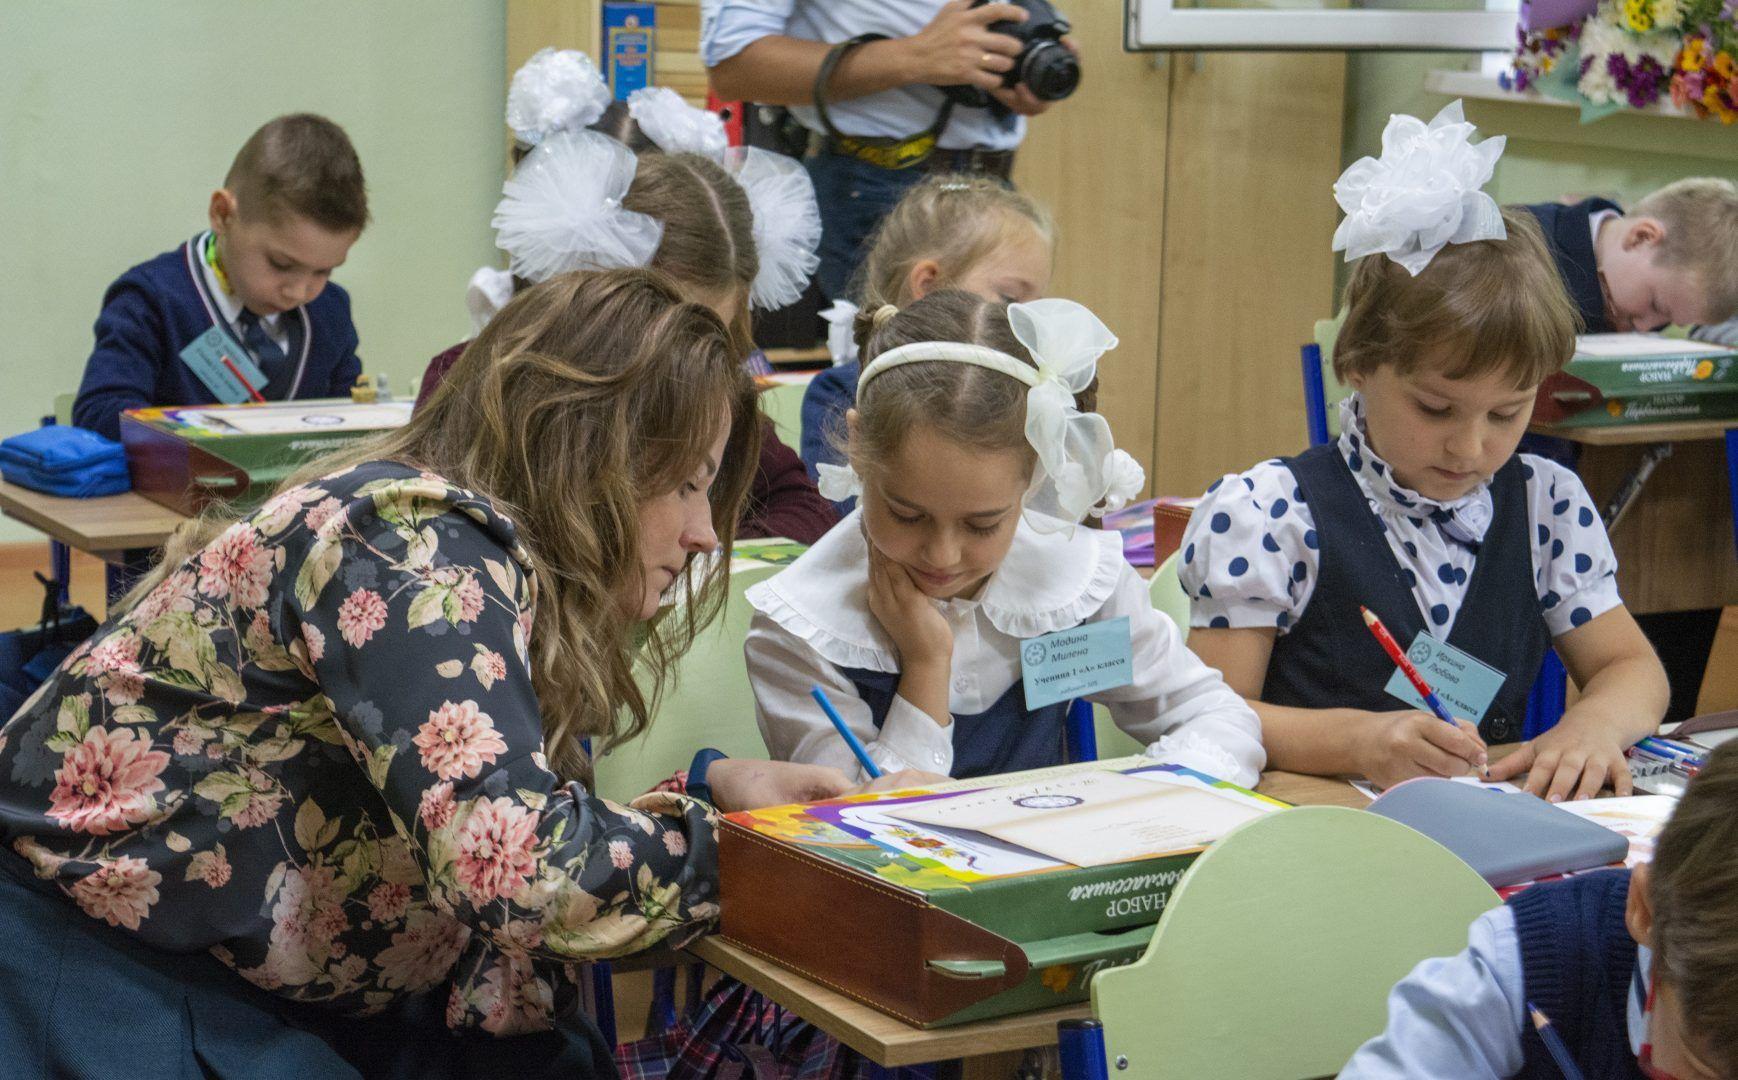 А учитель начальных классов Наталия Руденко ведет свой блог, в котором рассказывает о любимой работе. Фото: личный архив Наталии Руденко